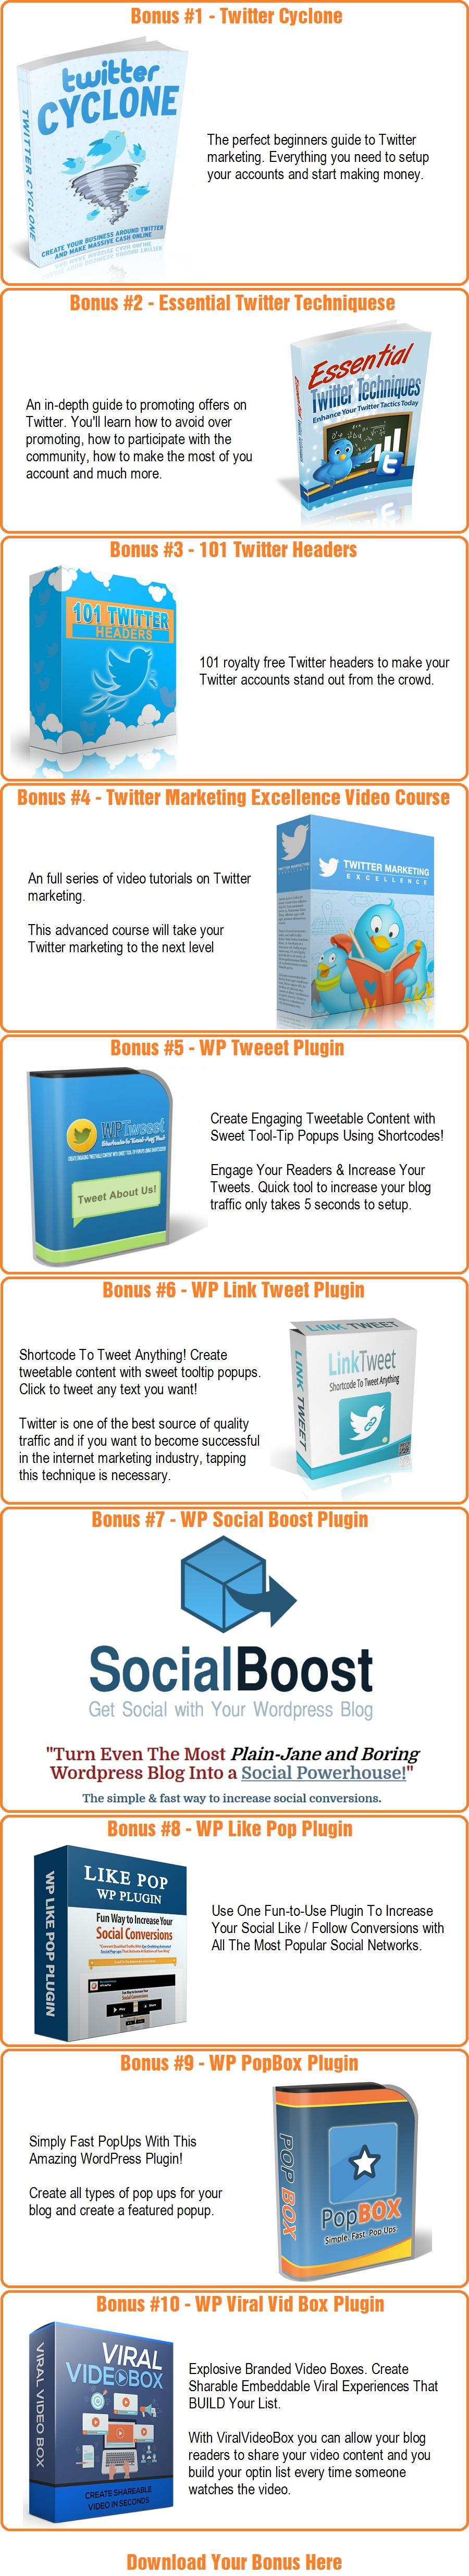 WP Tweet Machine v2 Bonus